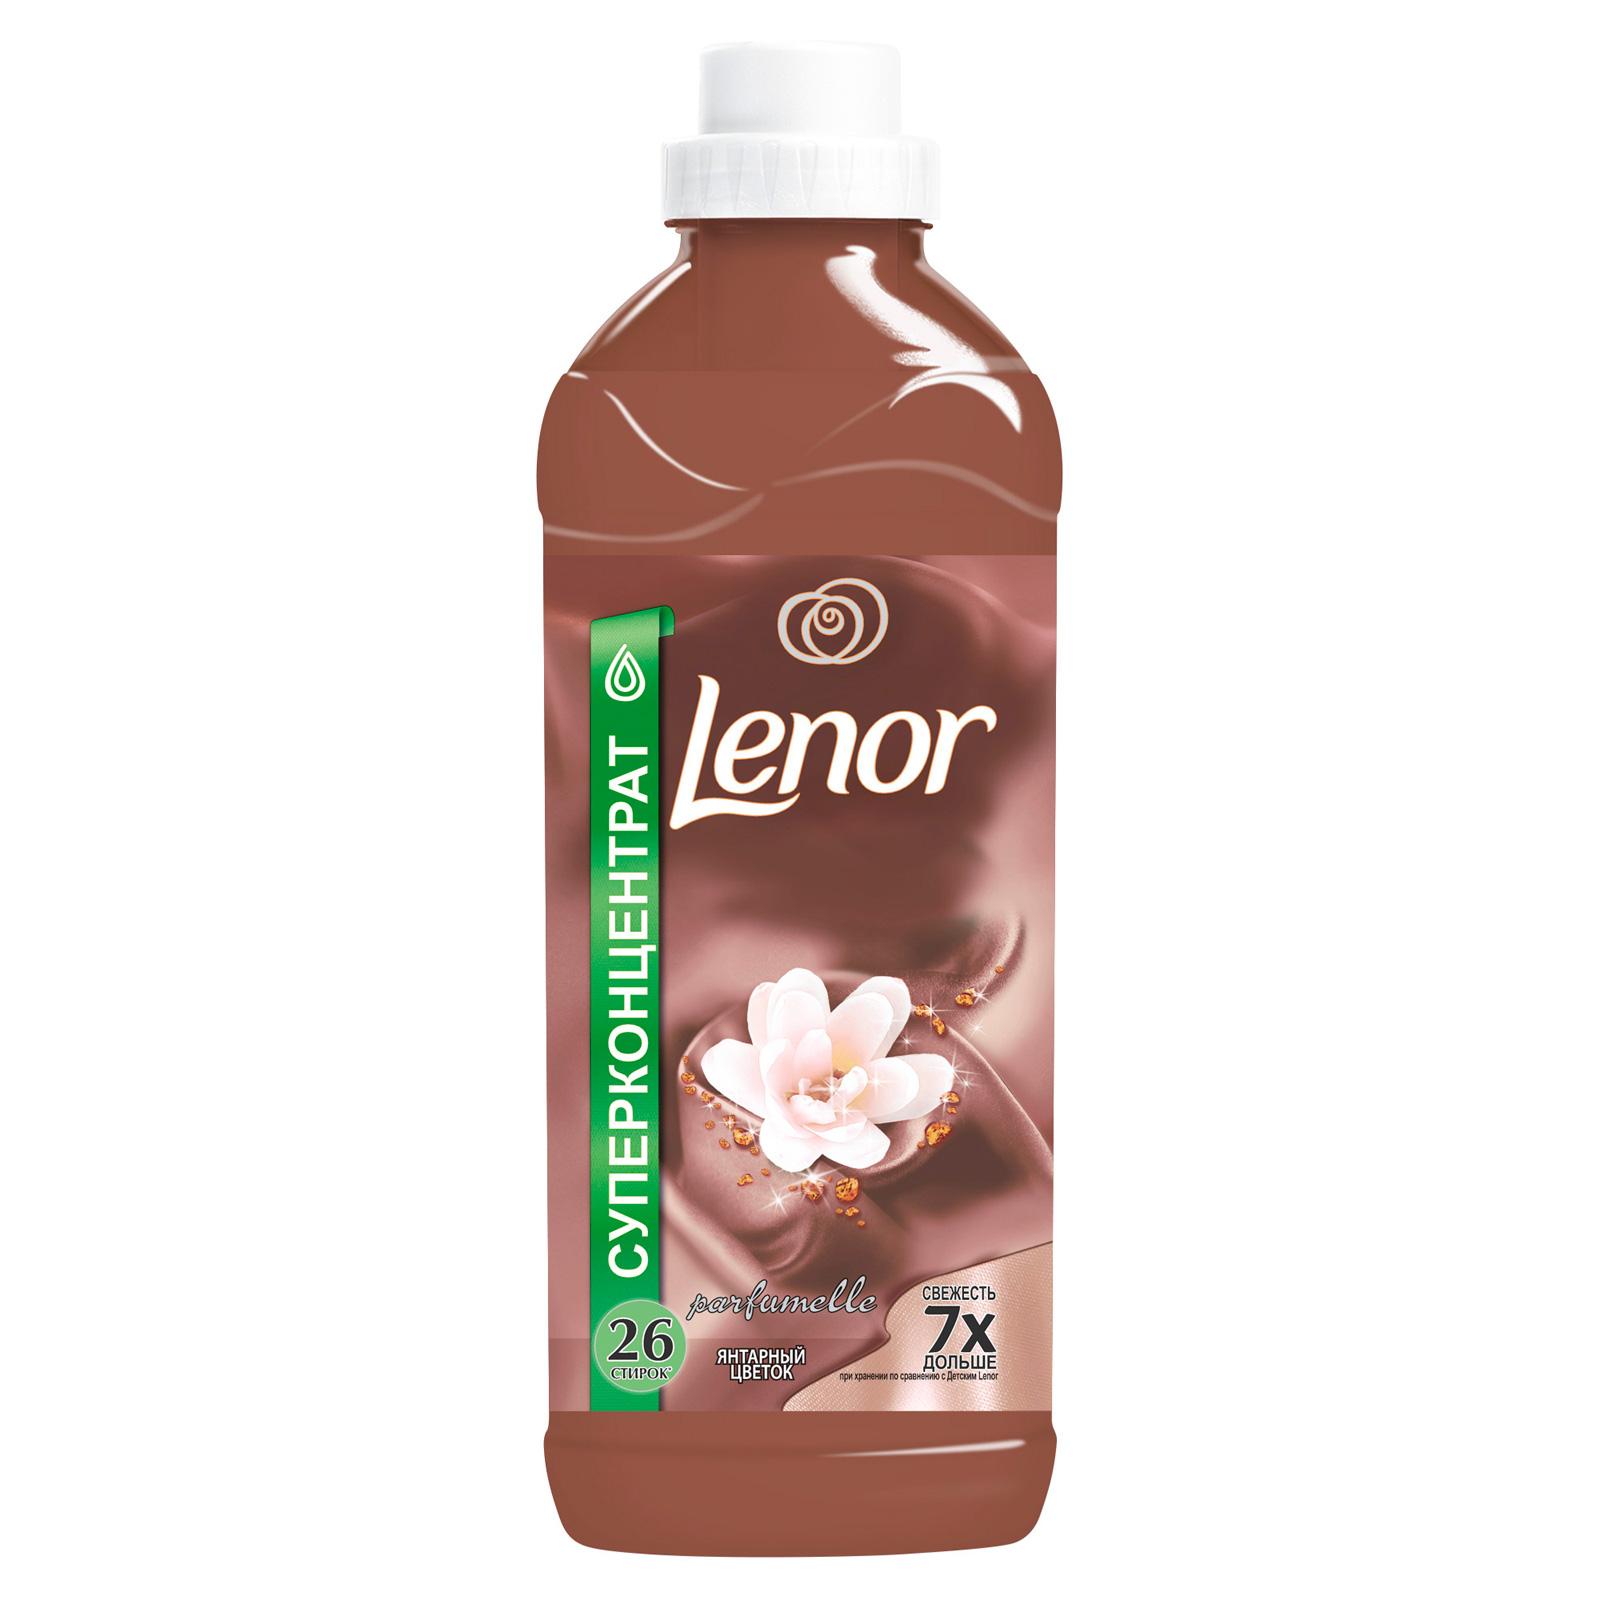 Кондиционер для белья Lenor 930 мл Янтарный Цветок 930мл (26стирок)<br>